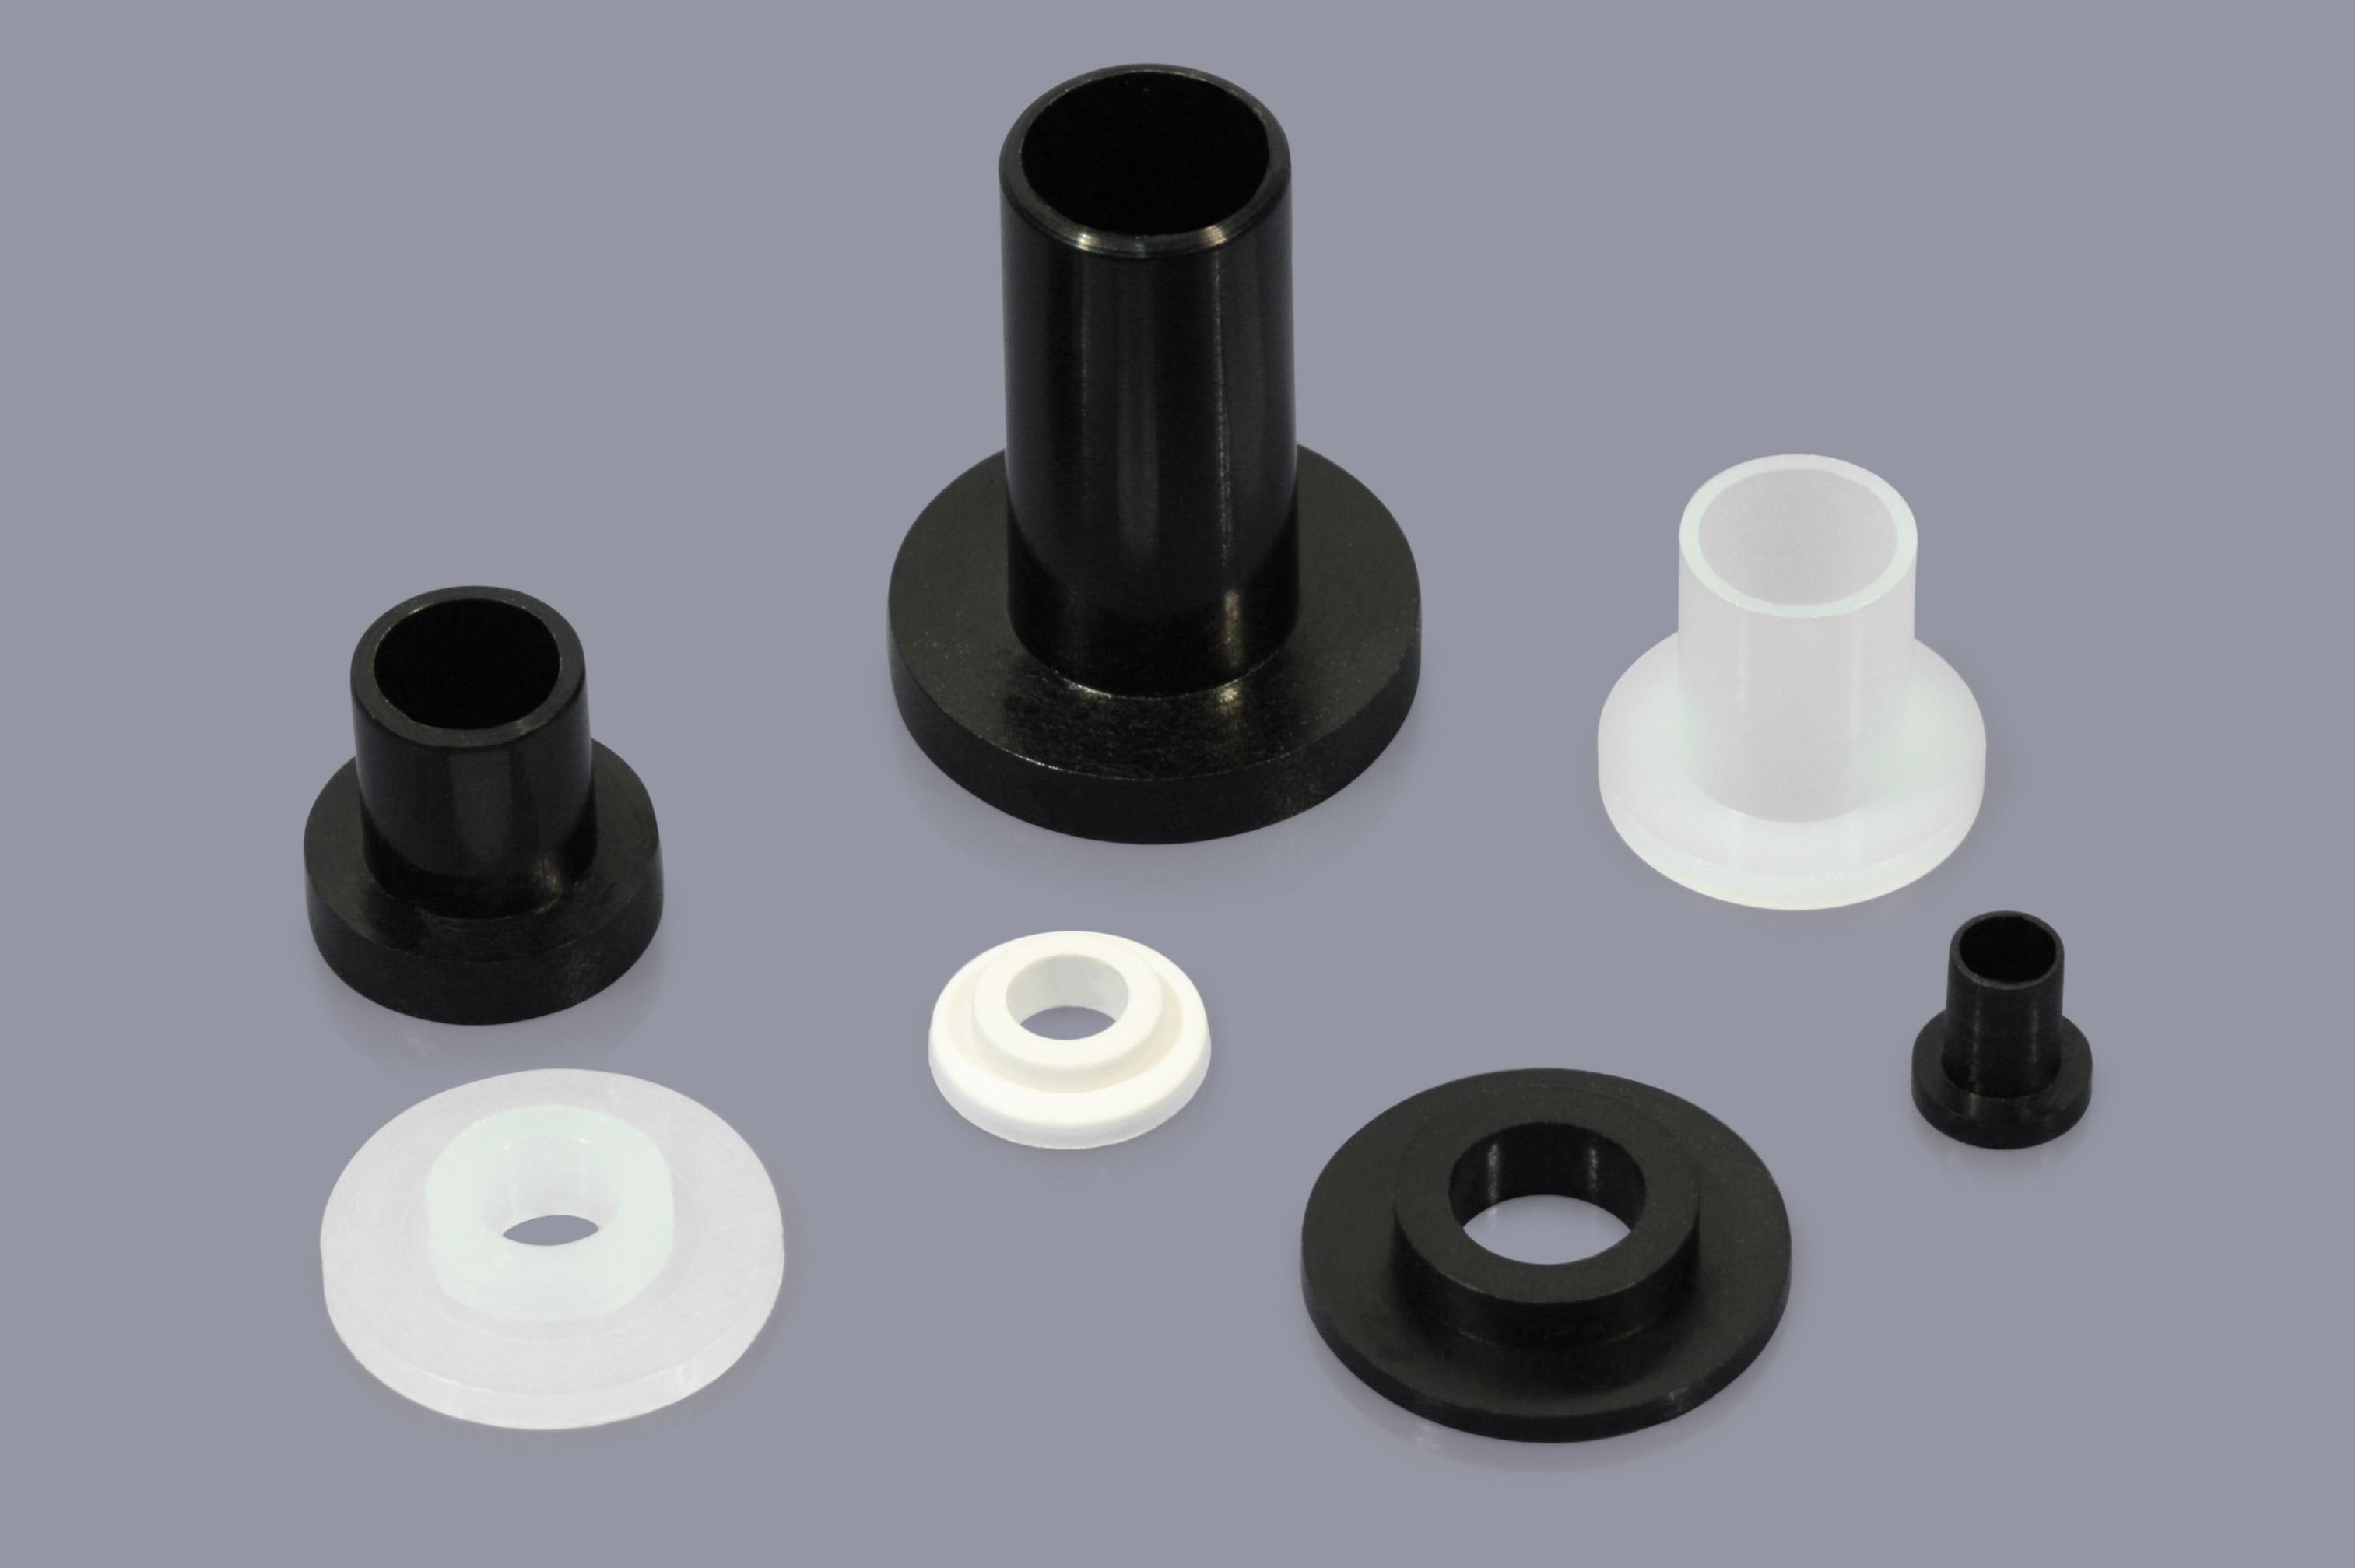 4,0mm; Bund-Ø 6,2mm 2,4mm; Schaft-Ø Isolierbuchsen aus PA natur Bohr-Ø